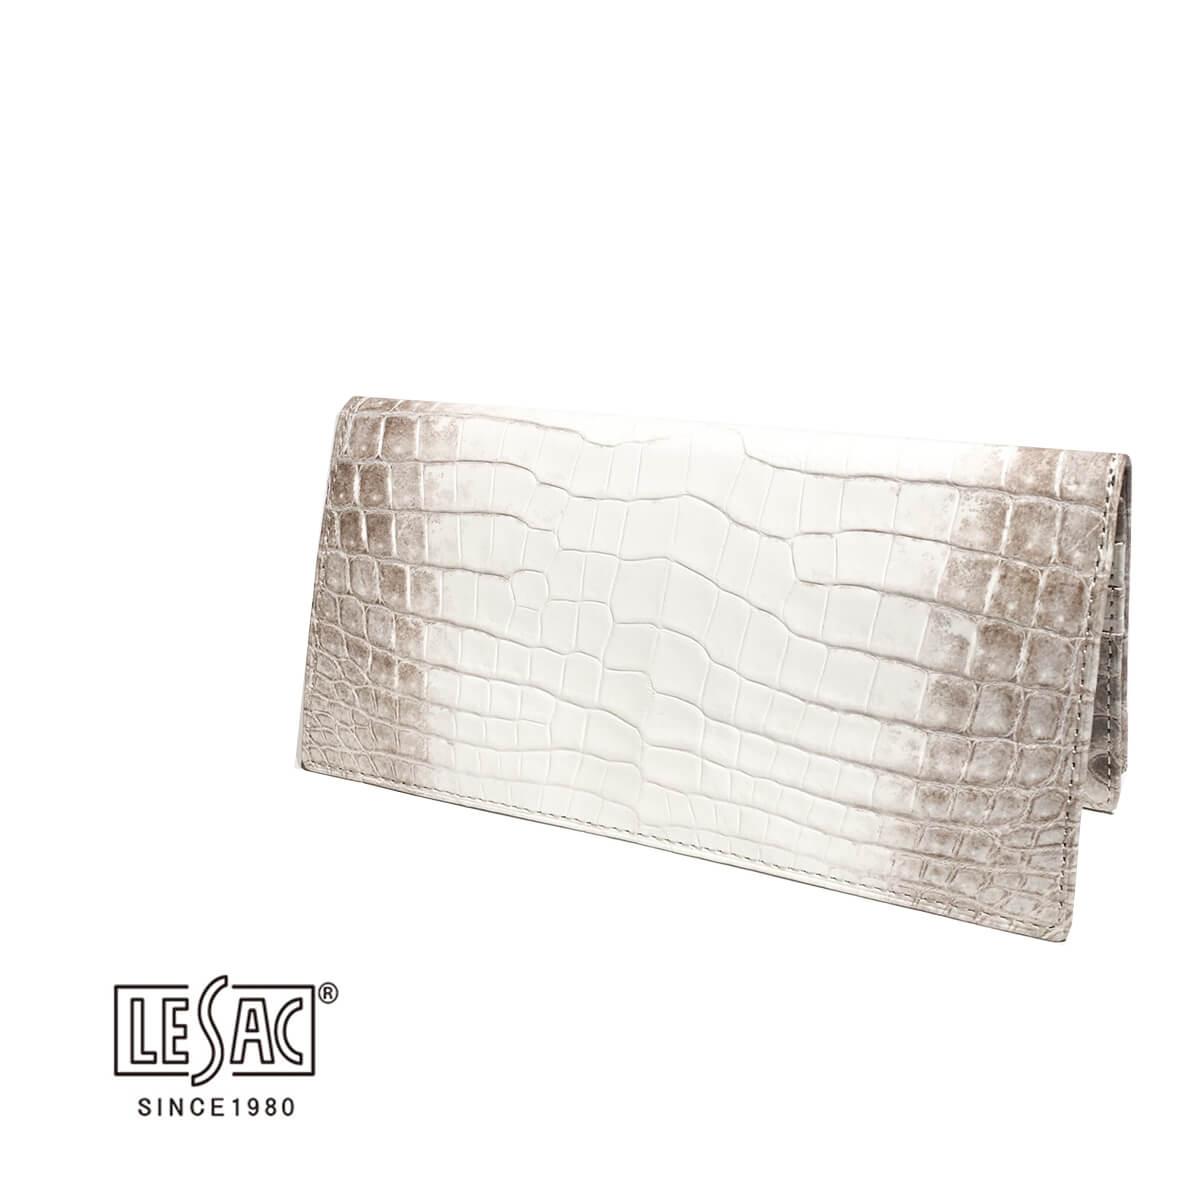 LE'SAC(レザック)レザック 長財布 札入れ ロングウォレット クロコダイル ヒマラヤクロコ ブランド